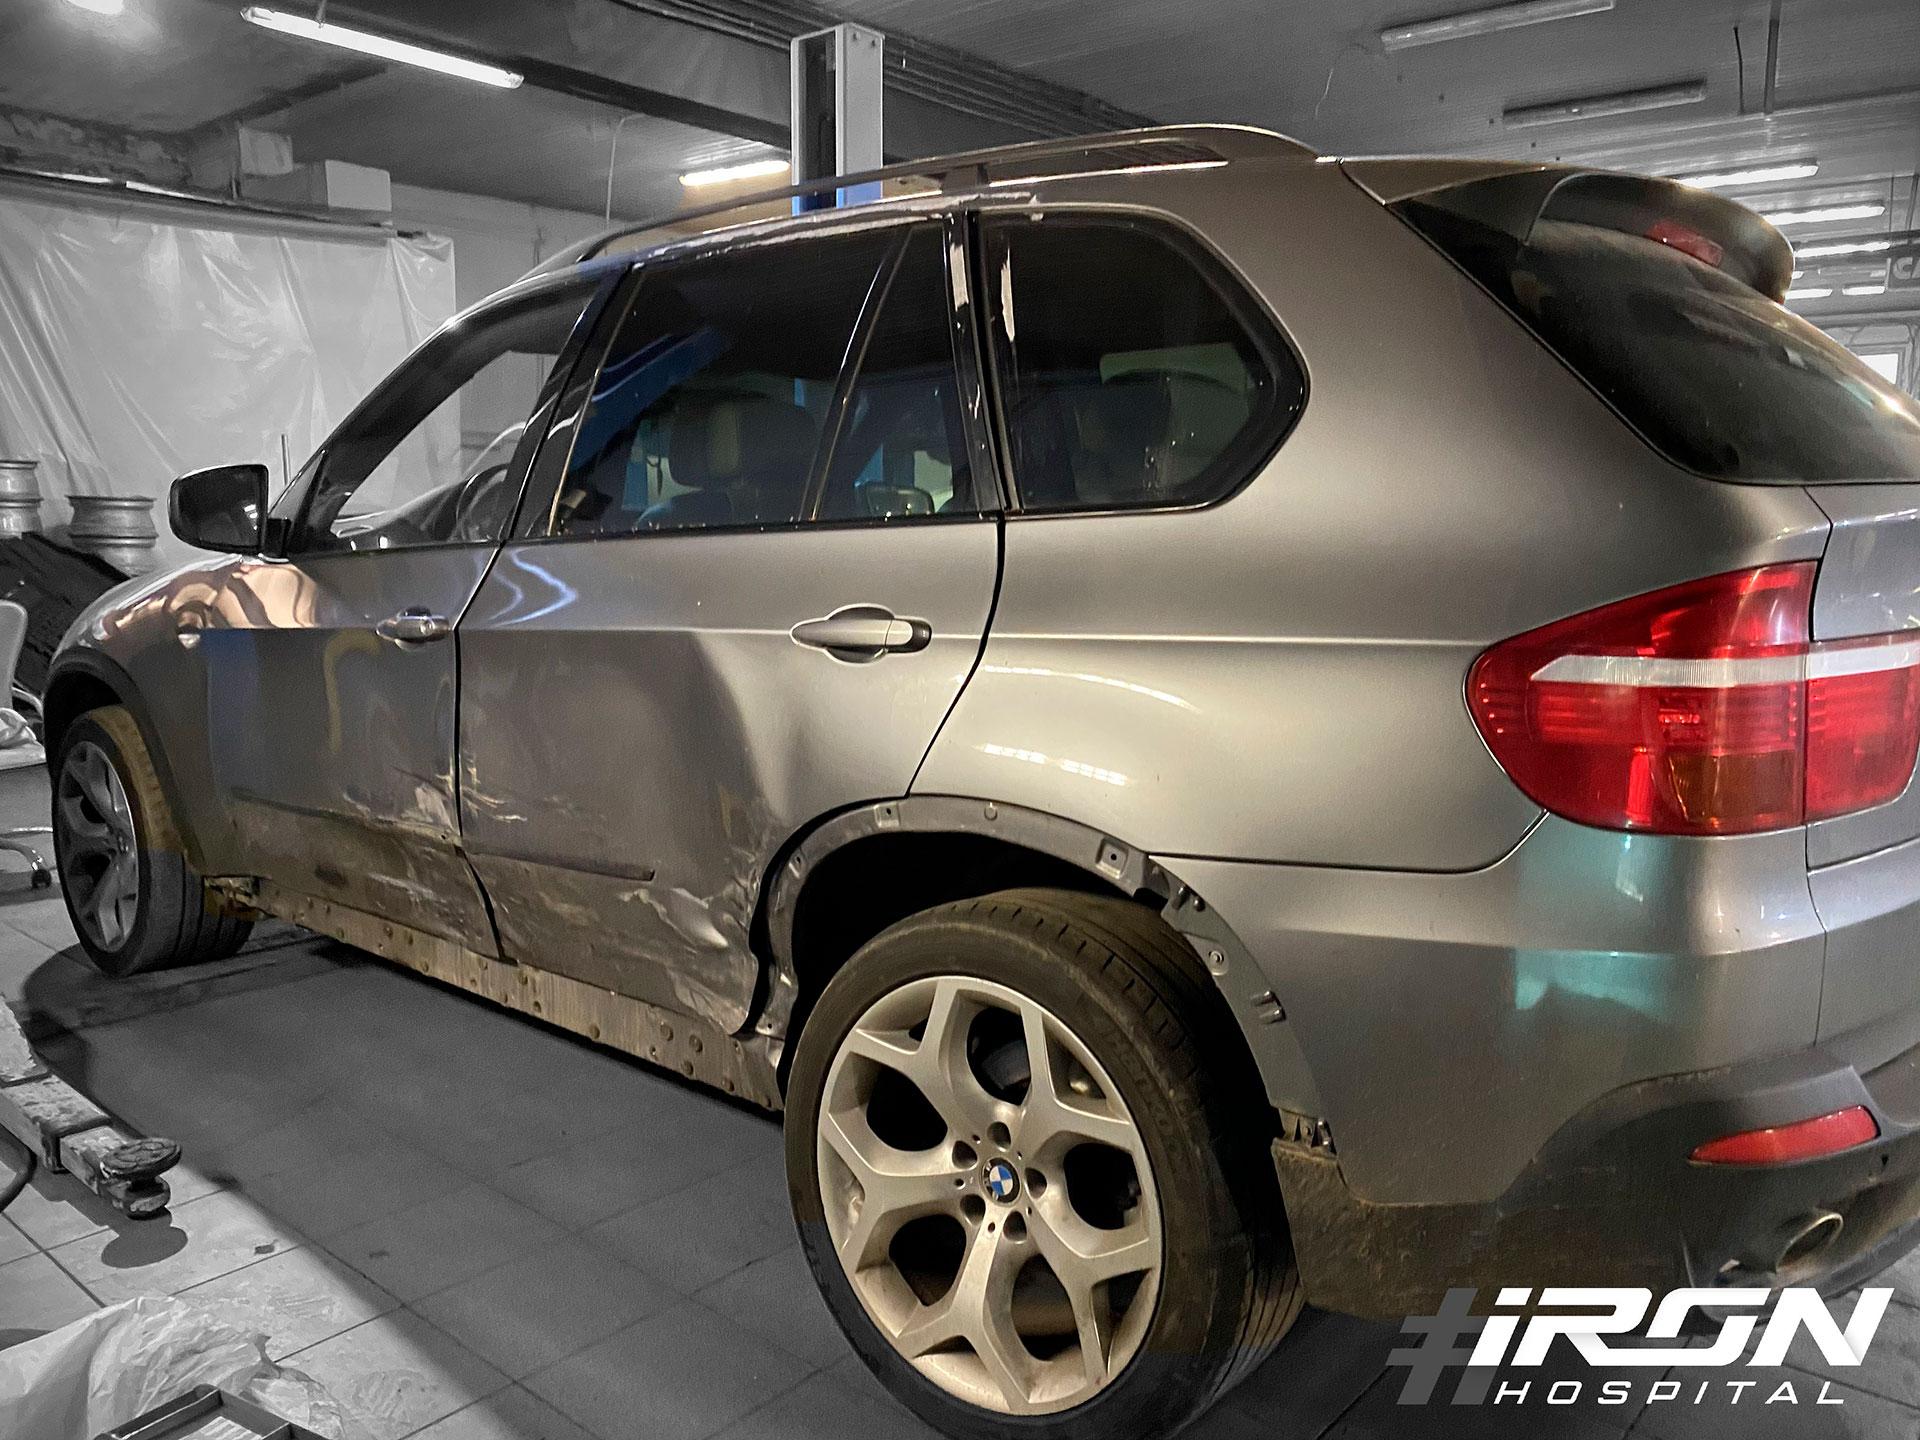 Кузовной ремонт BMW x5. Замена дверей, ремонт стойки и окрас